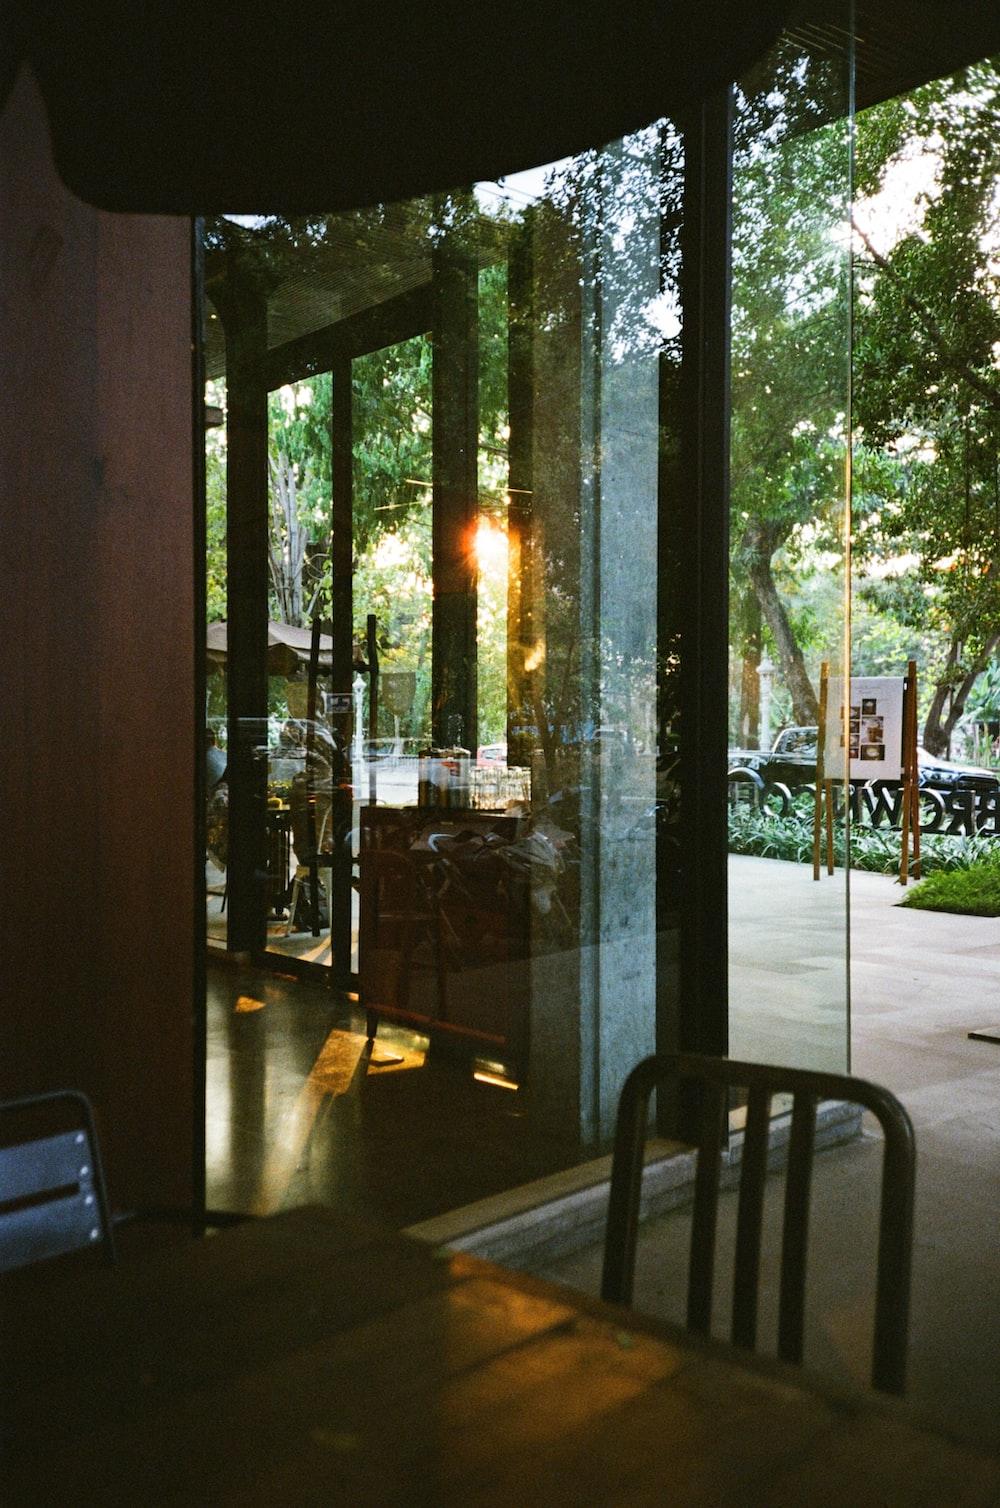 green trees outside glass window